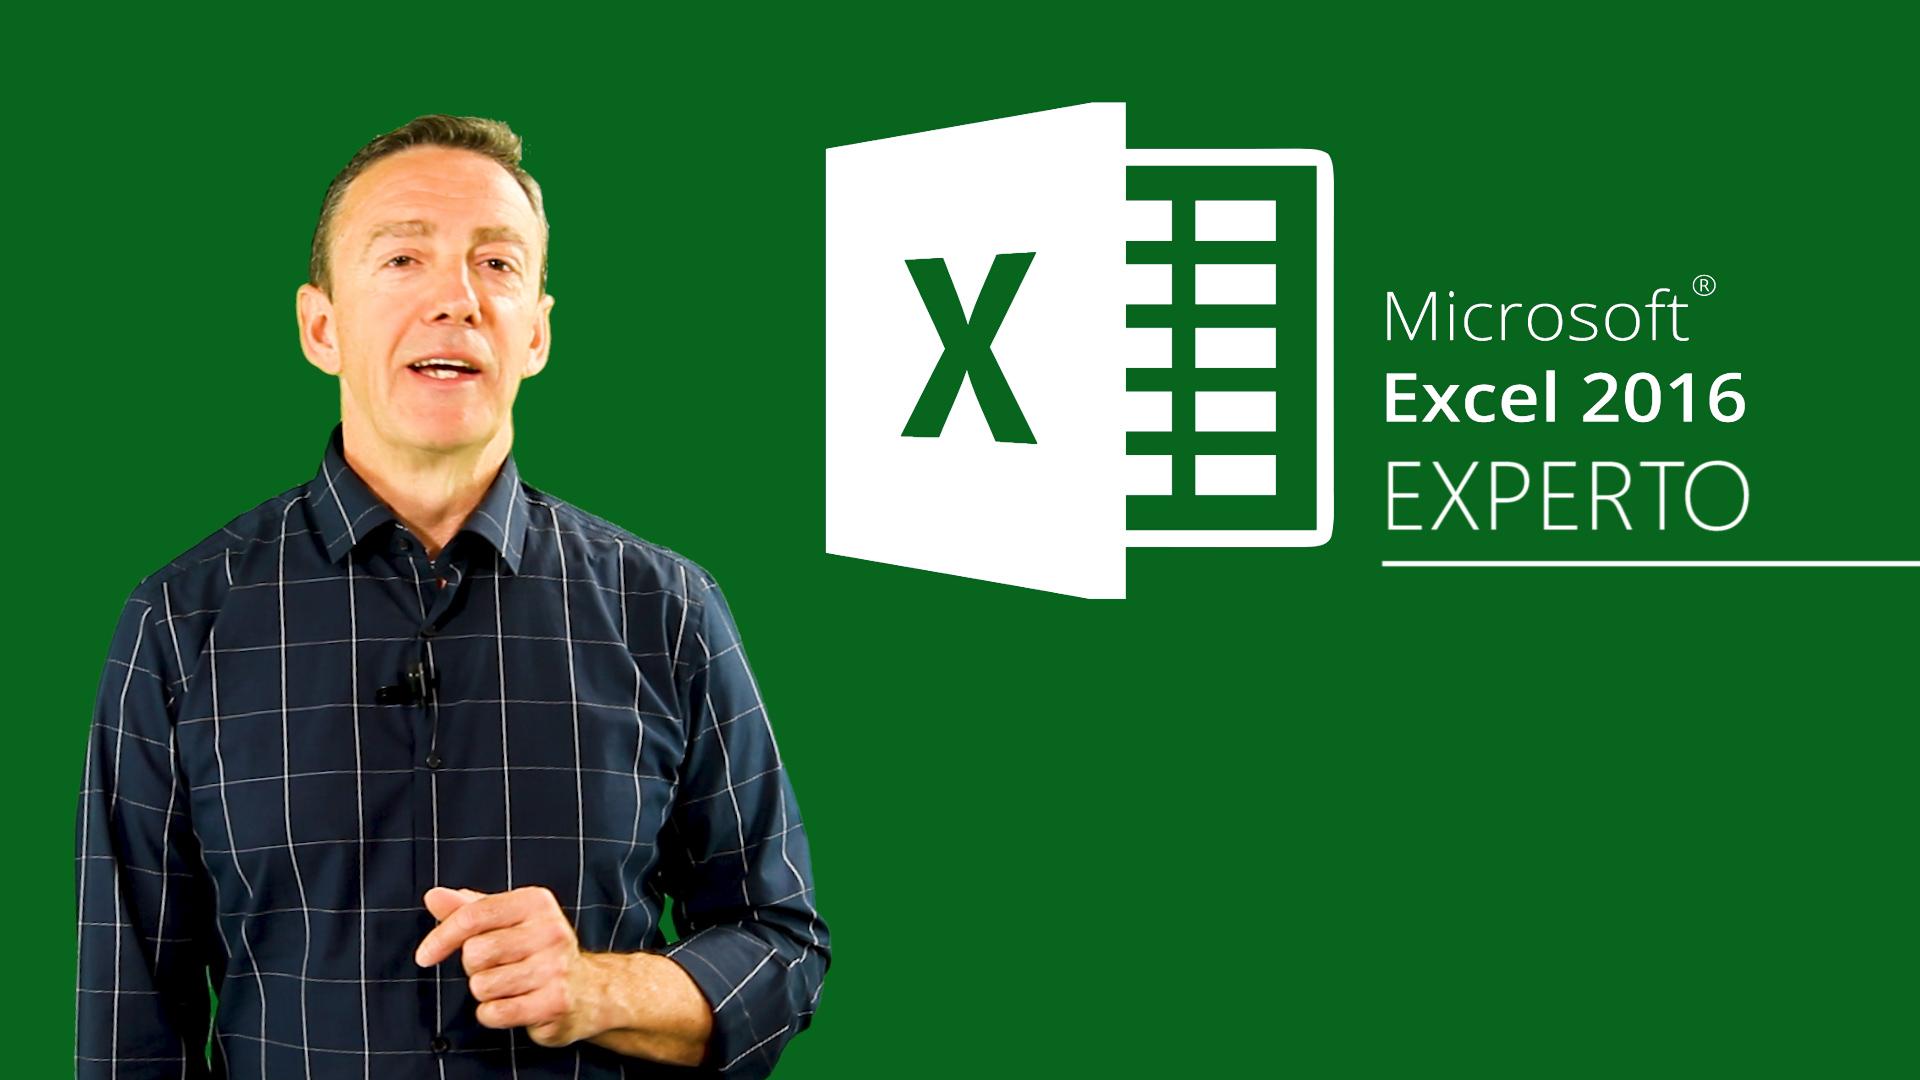 Curso de Excel 2016 Expertos